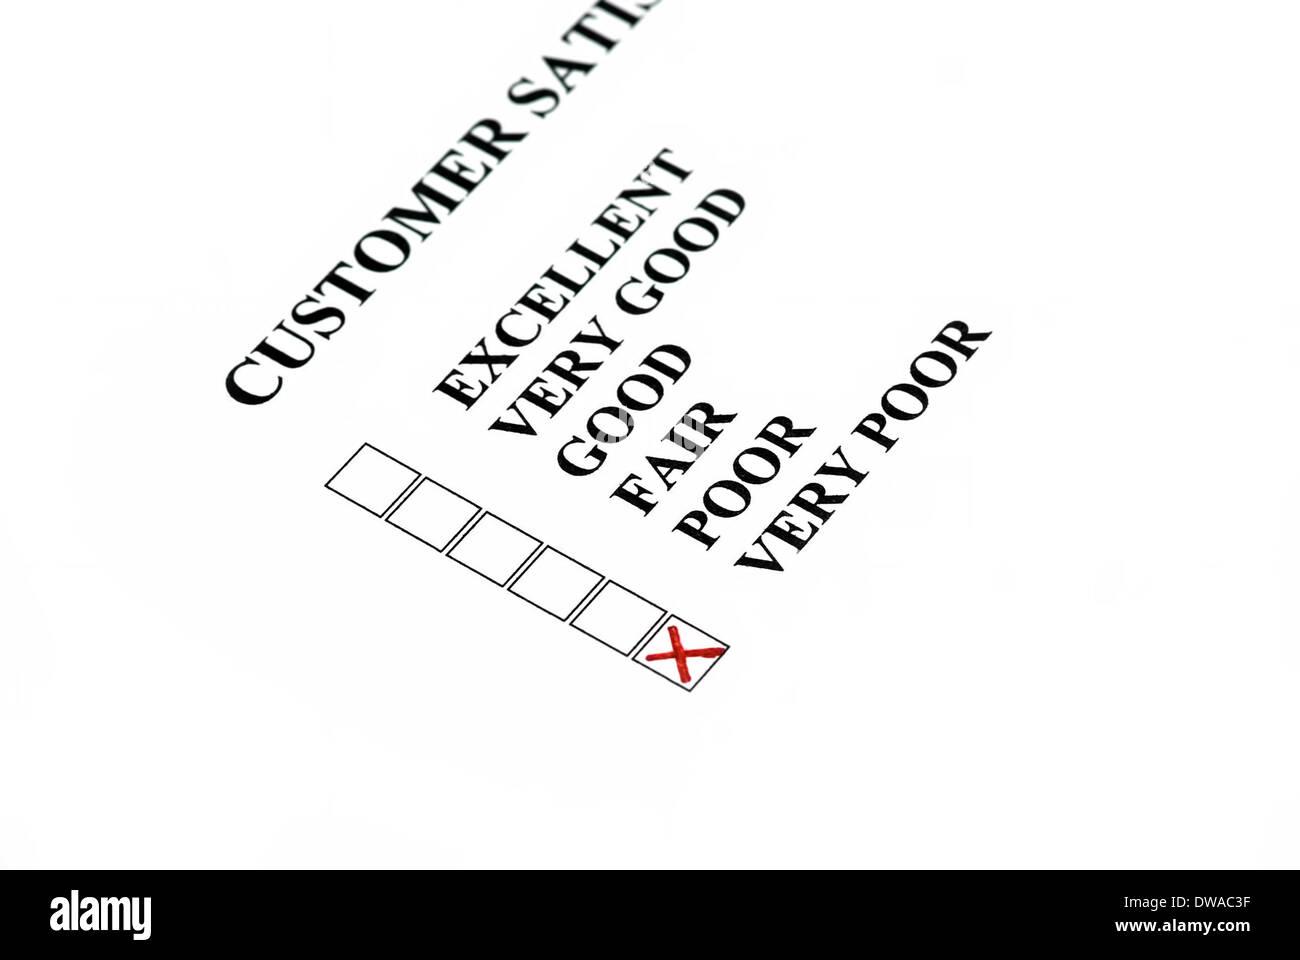 La satisfaction du client: client a choisi est très pauvre. Photo Stock